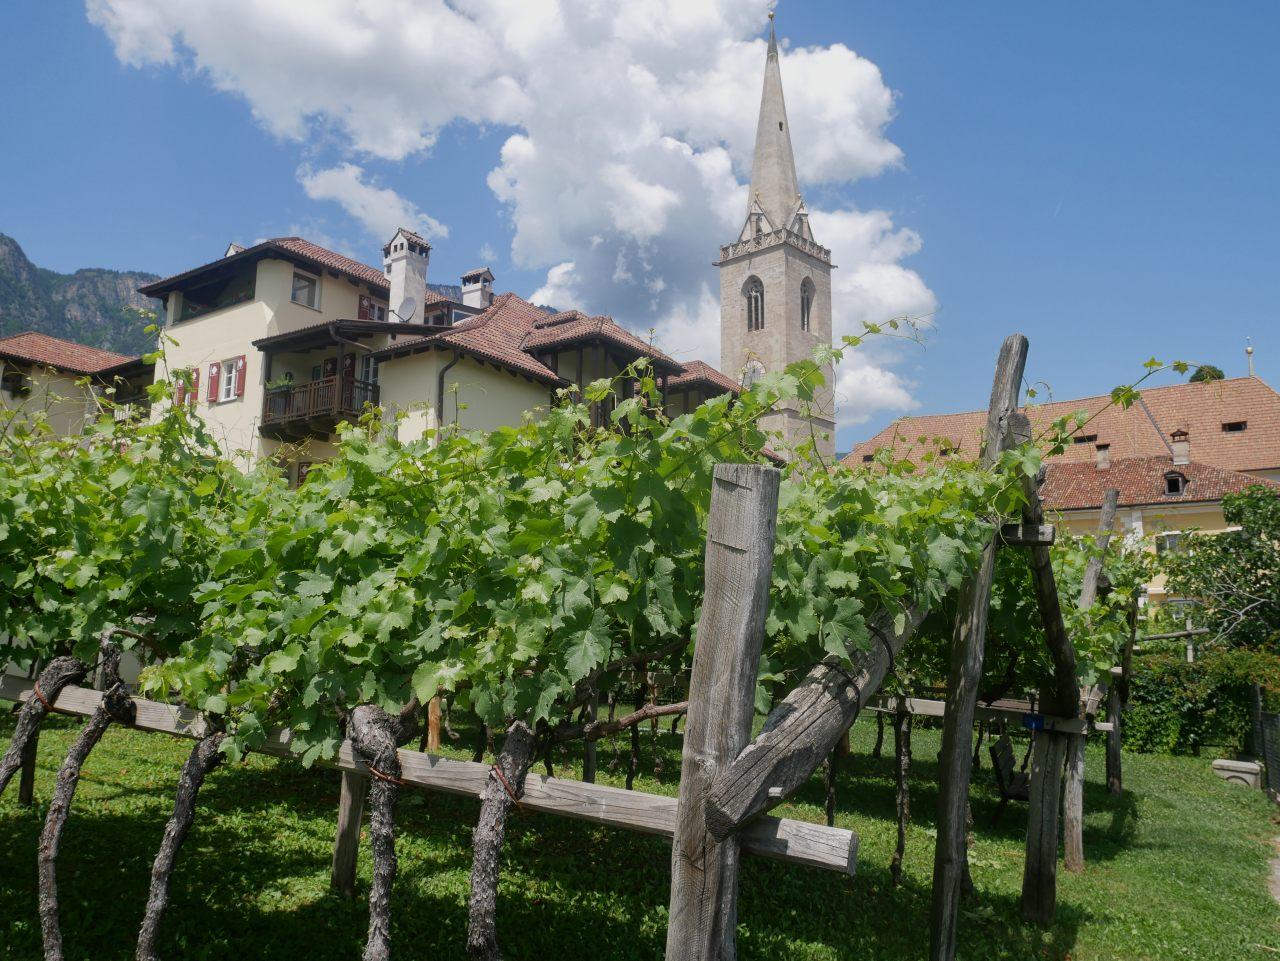 3 jours dans le Sud-Tyrole: randonnée de Caldaro/Kalten